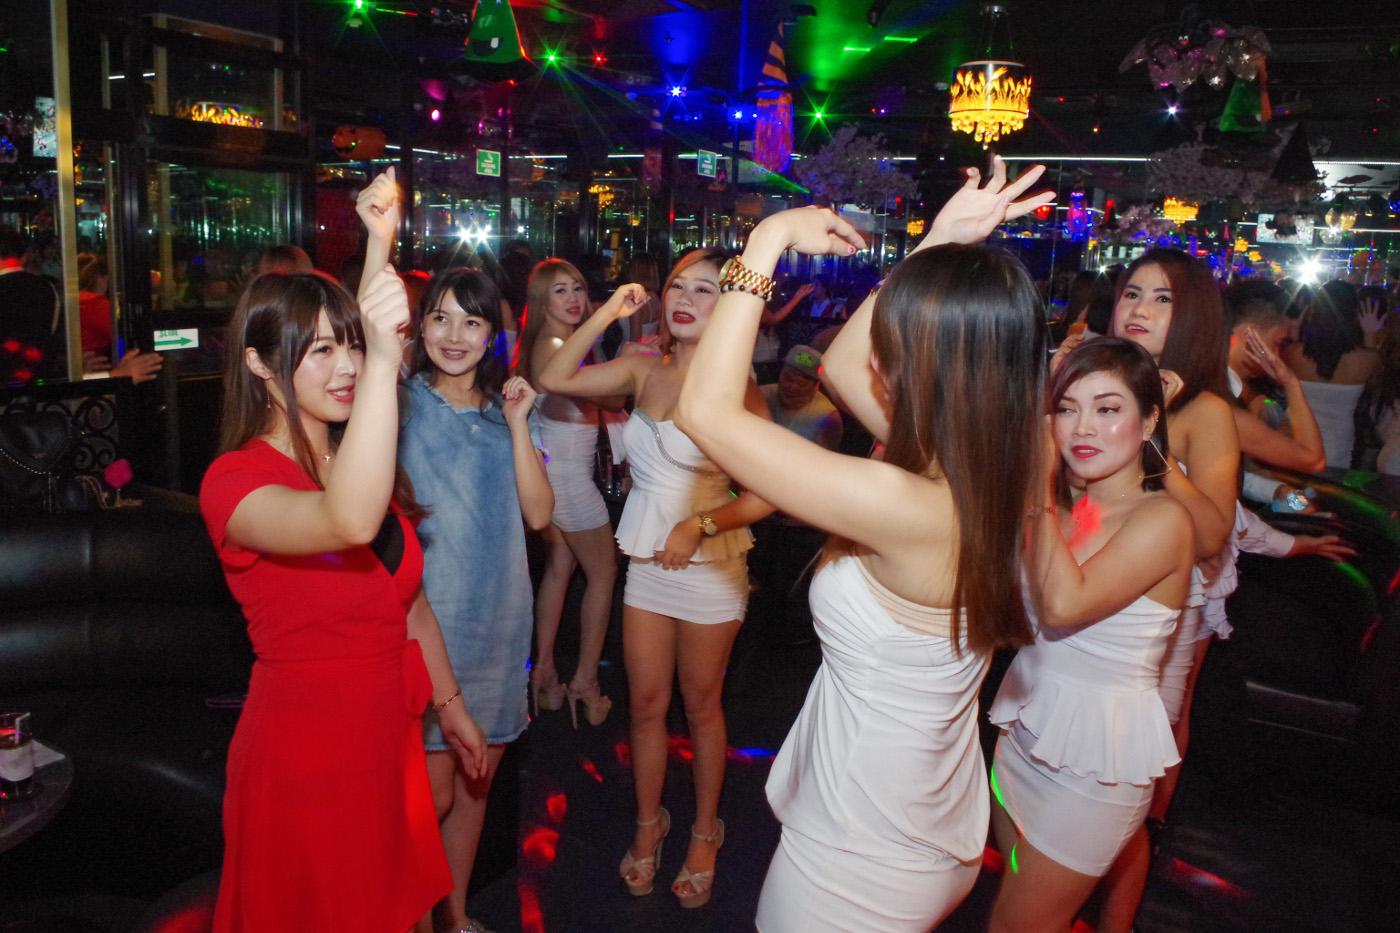 KTVの小町で女の子が踊っている様子